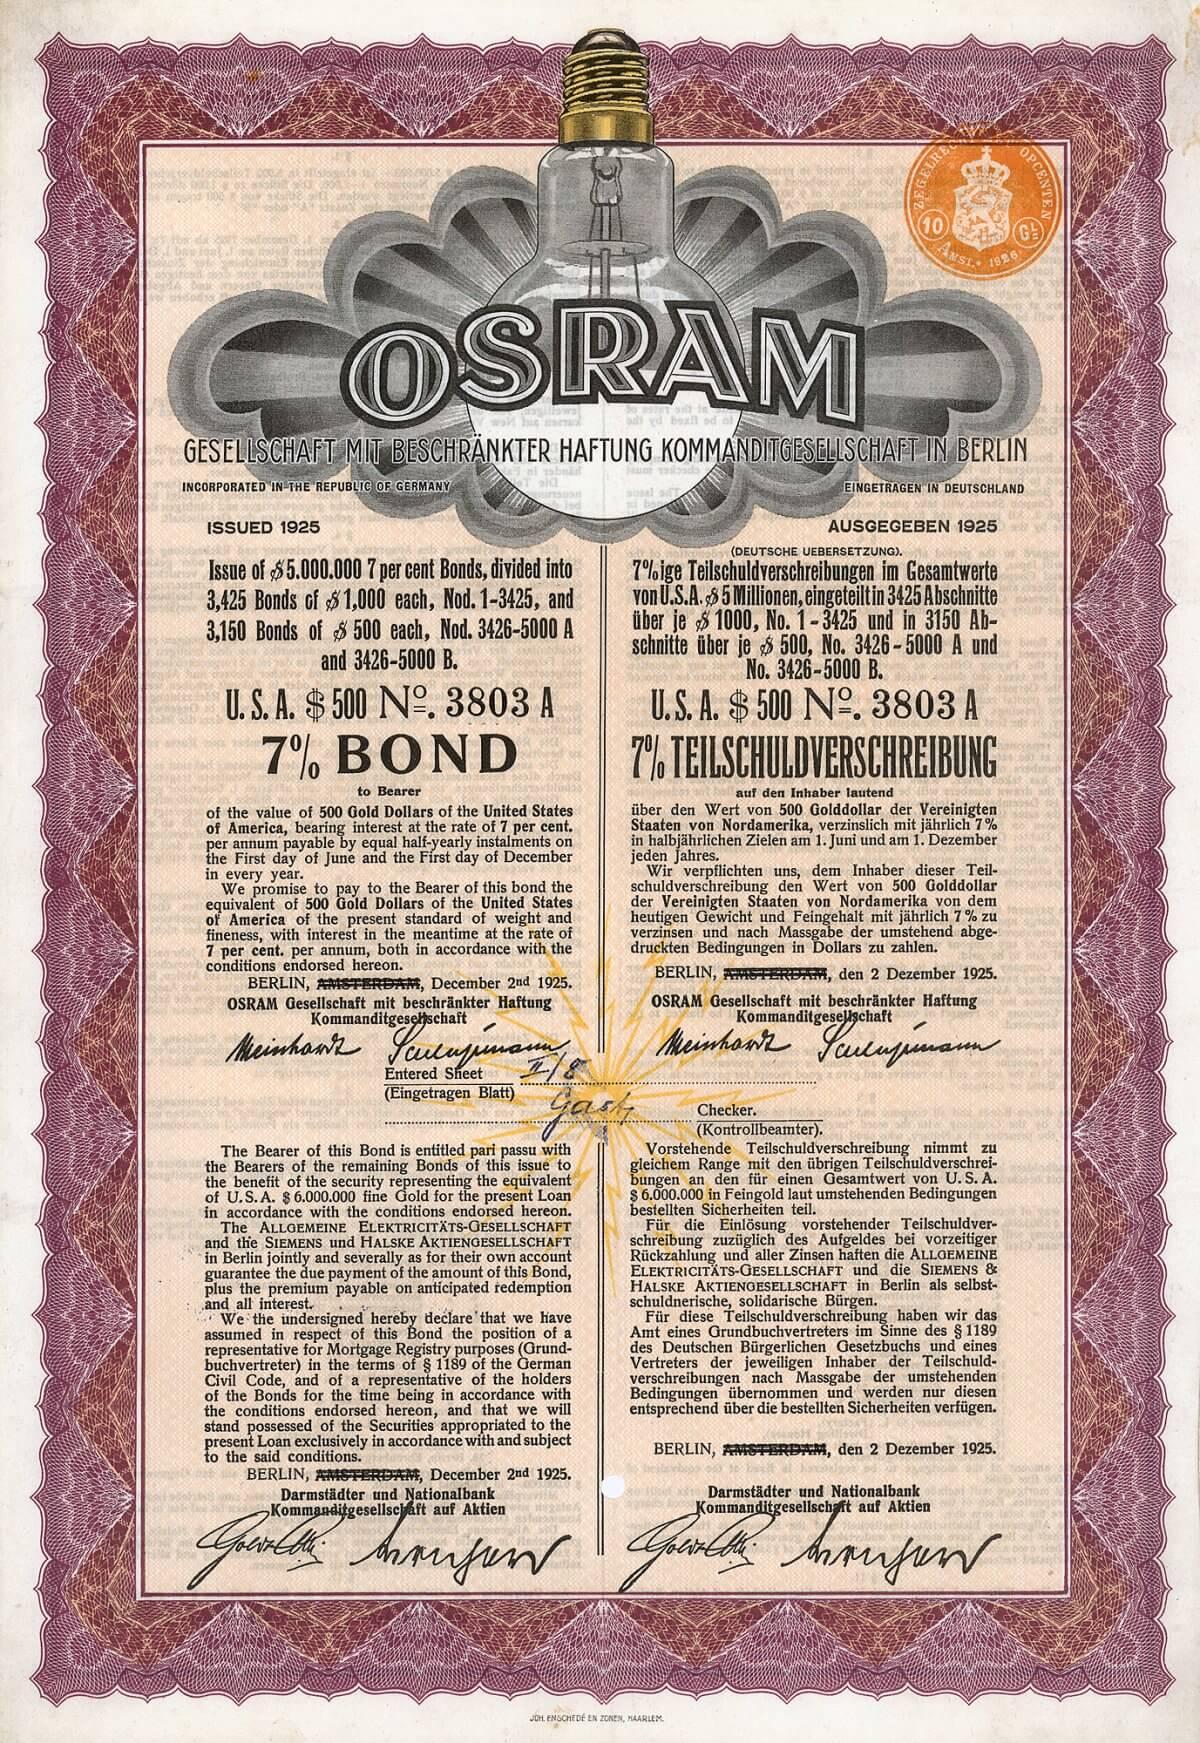 OSRAM GmbH KG, Berlin, Gold Bond über 500 US-$ von 1925. Schon 1880 hatte Siemens & Halske die Entwicklung einer Glühlampe mit Kohlefäden erfolgreich abgeschlossen und 1882 die älteste deutsche Glühlampenfabrik eröffnet. Das Warenzeichen OSRAM wurde ursprünglich 1906 von der Auergesellschaft angemeldet. Es ist ein Kunstwort aus den früher gängigen Glühwendel-Materialien OSmium und WolfRAM. 1919 legten Siemens & Halske, die AEG und die Auergesellschaft ihre Glühlampenproduktion in der neu gegründeten OSRAM GmbH KG zusammen.